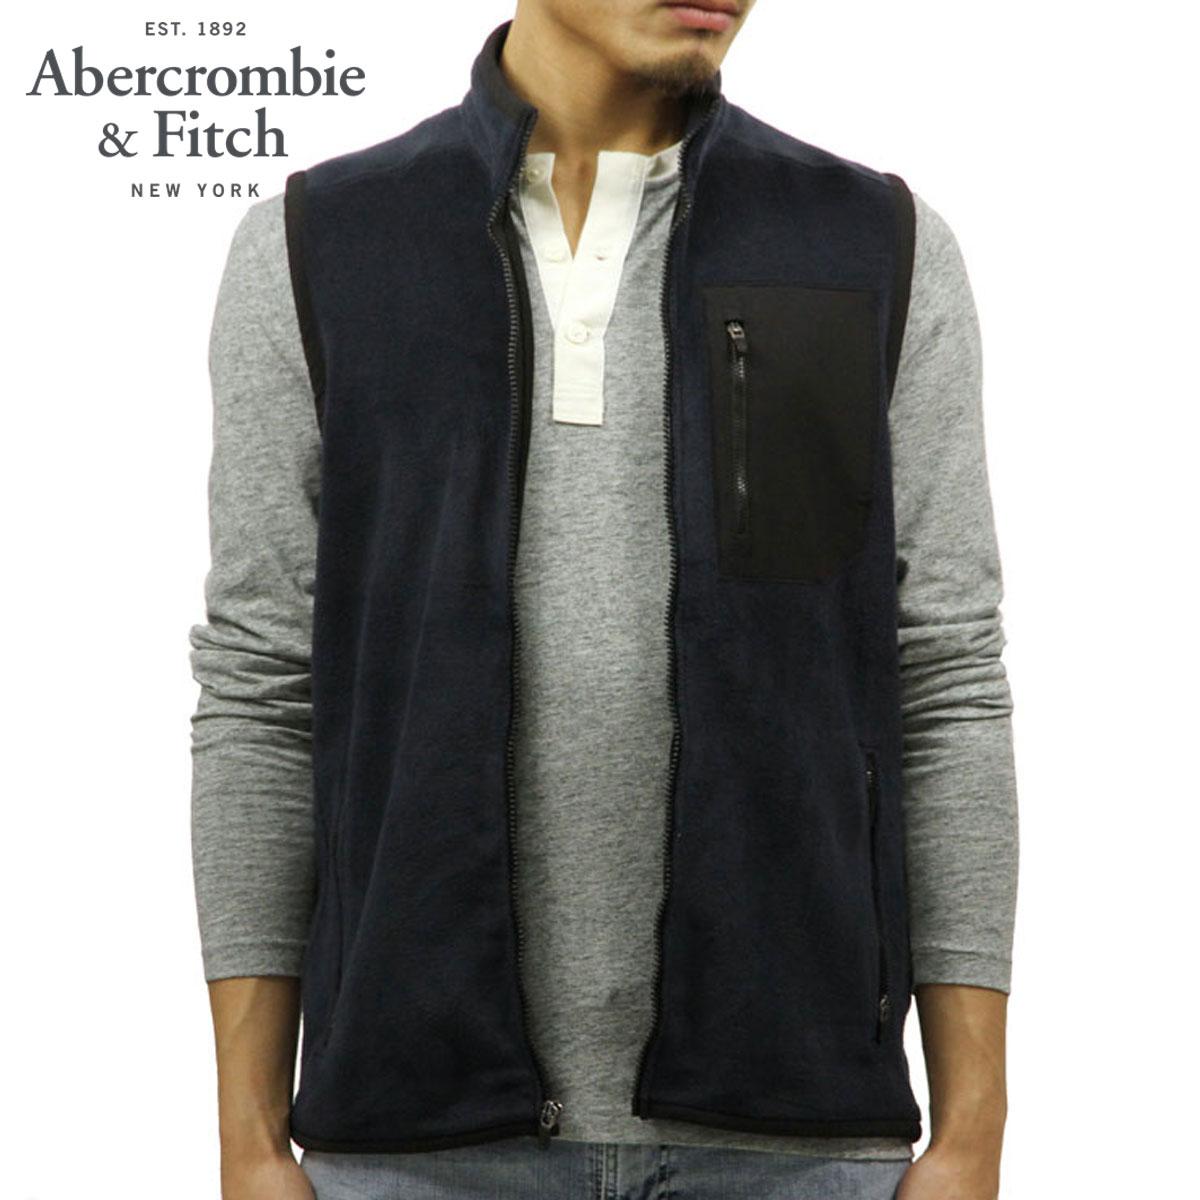 アバクロ Abercrombie&Fitch 正規品 メンズ フリースベスト FLEECE VEST 122-232-0755-220